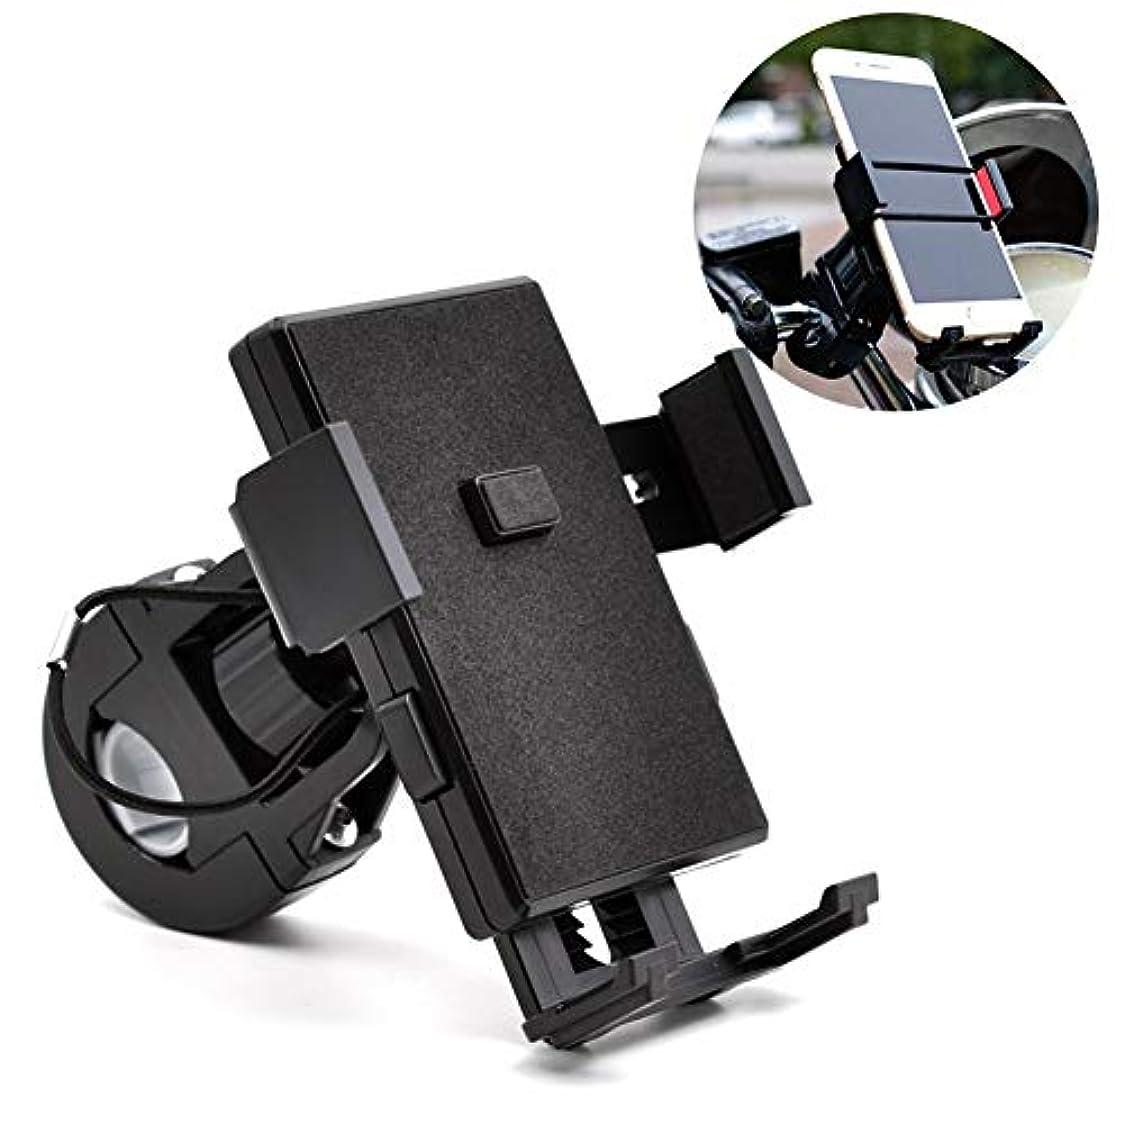 後退する提出する選択するLITINGFC-自転車スマホ ホルダー 自転車電話ホルダー,バイクの電話ホルダー360度回転持ち帰り携帯電話のナビゲーションブラケット耐震性、2色、2つのスタイル (Color : Black)